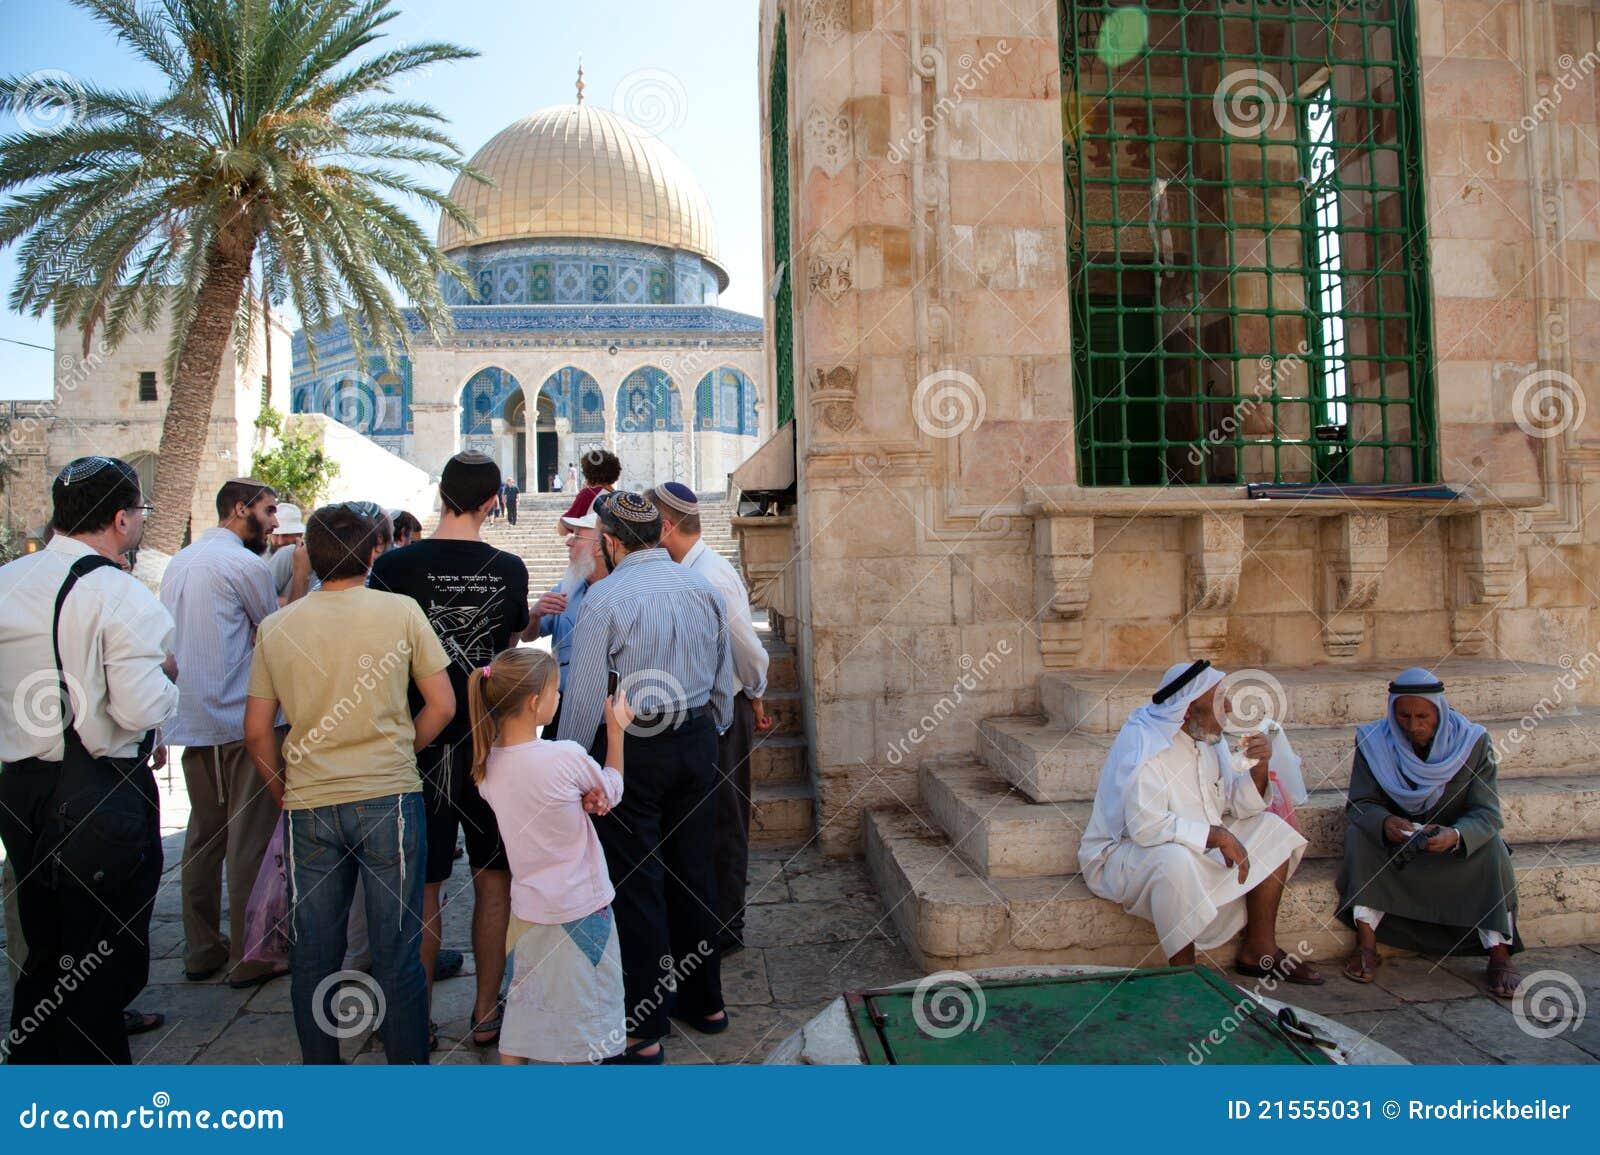 Jude Besuchs Tempel Montierung Redaktionelles Foto Bild